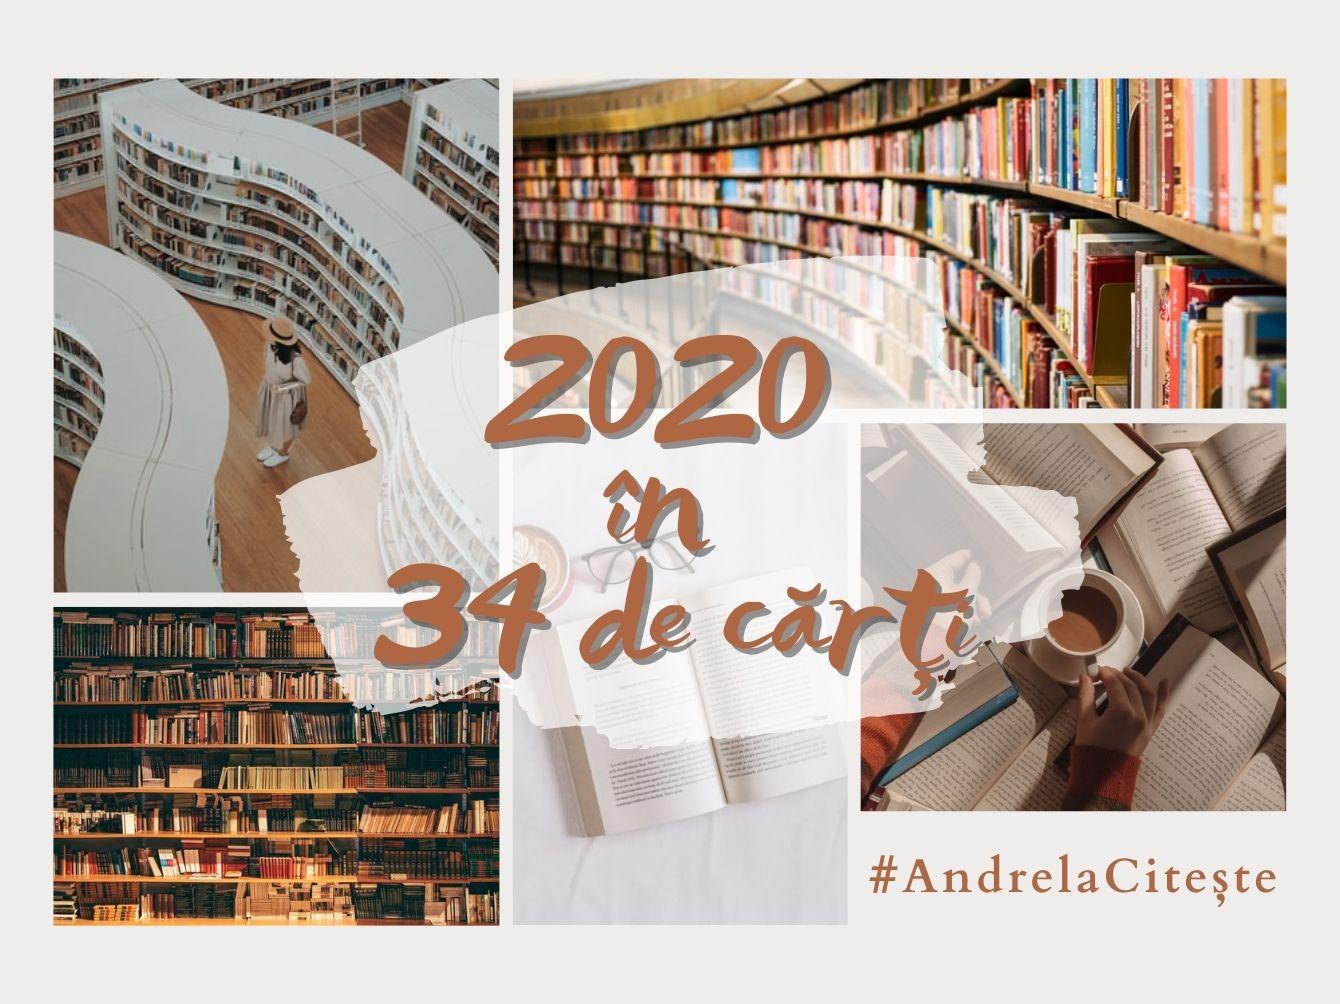 2020in34decarti-Andrela.ro